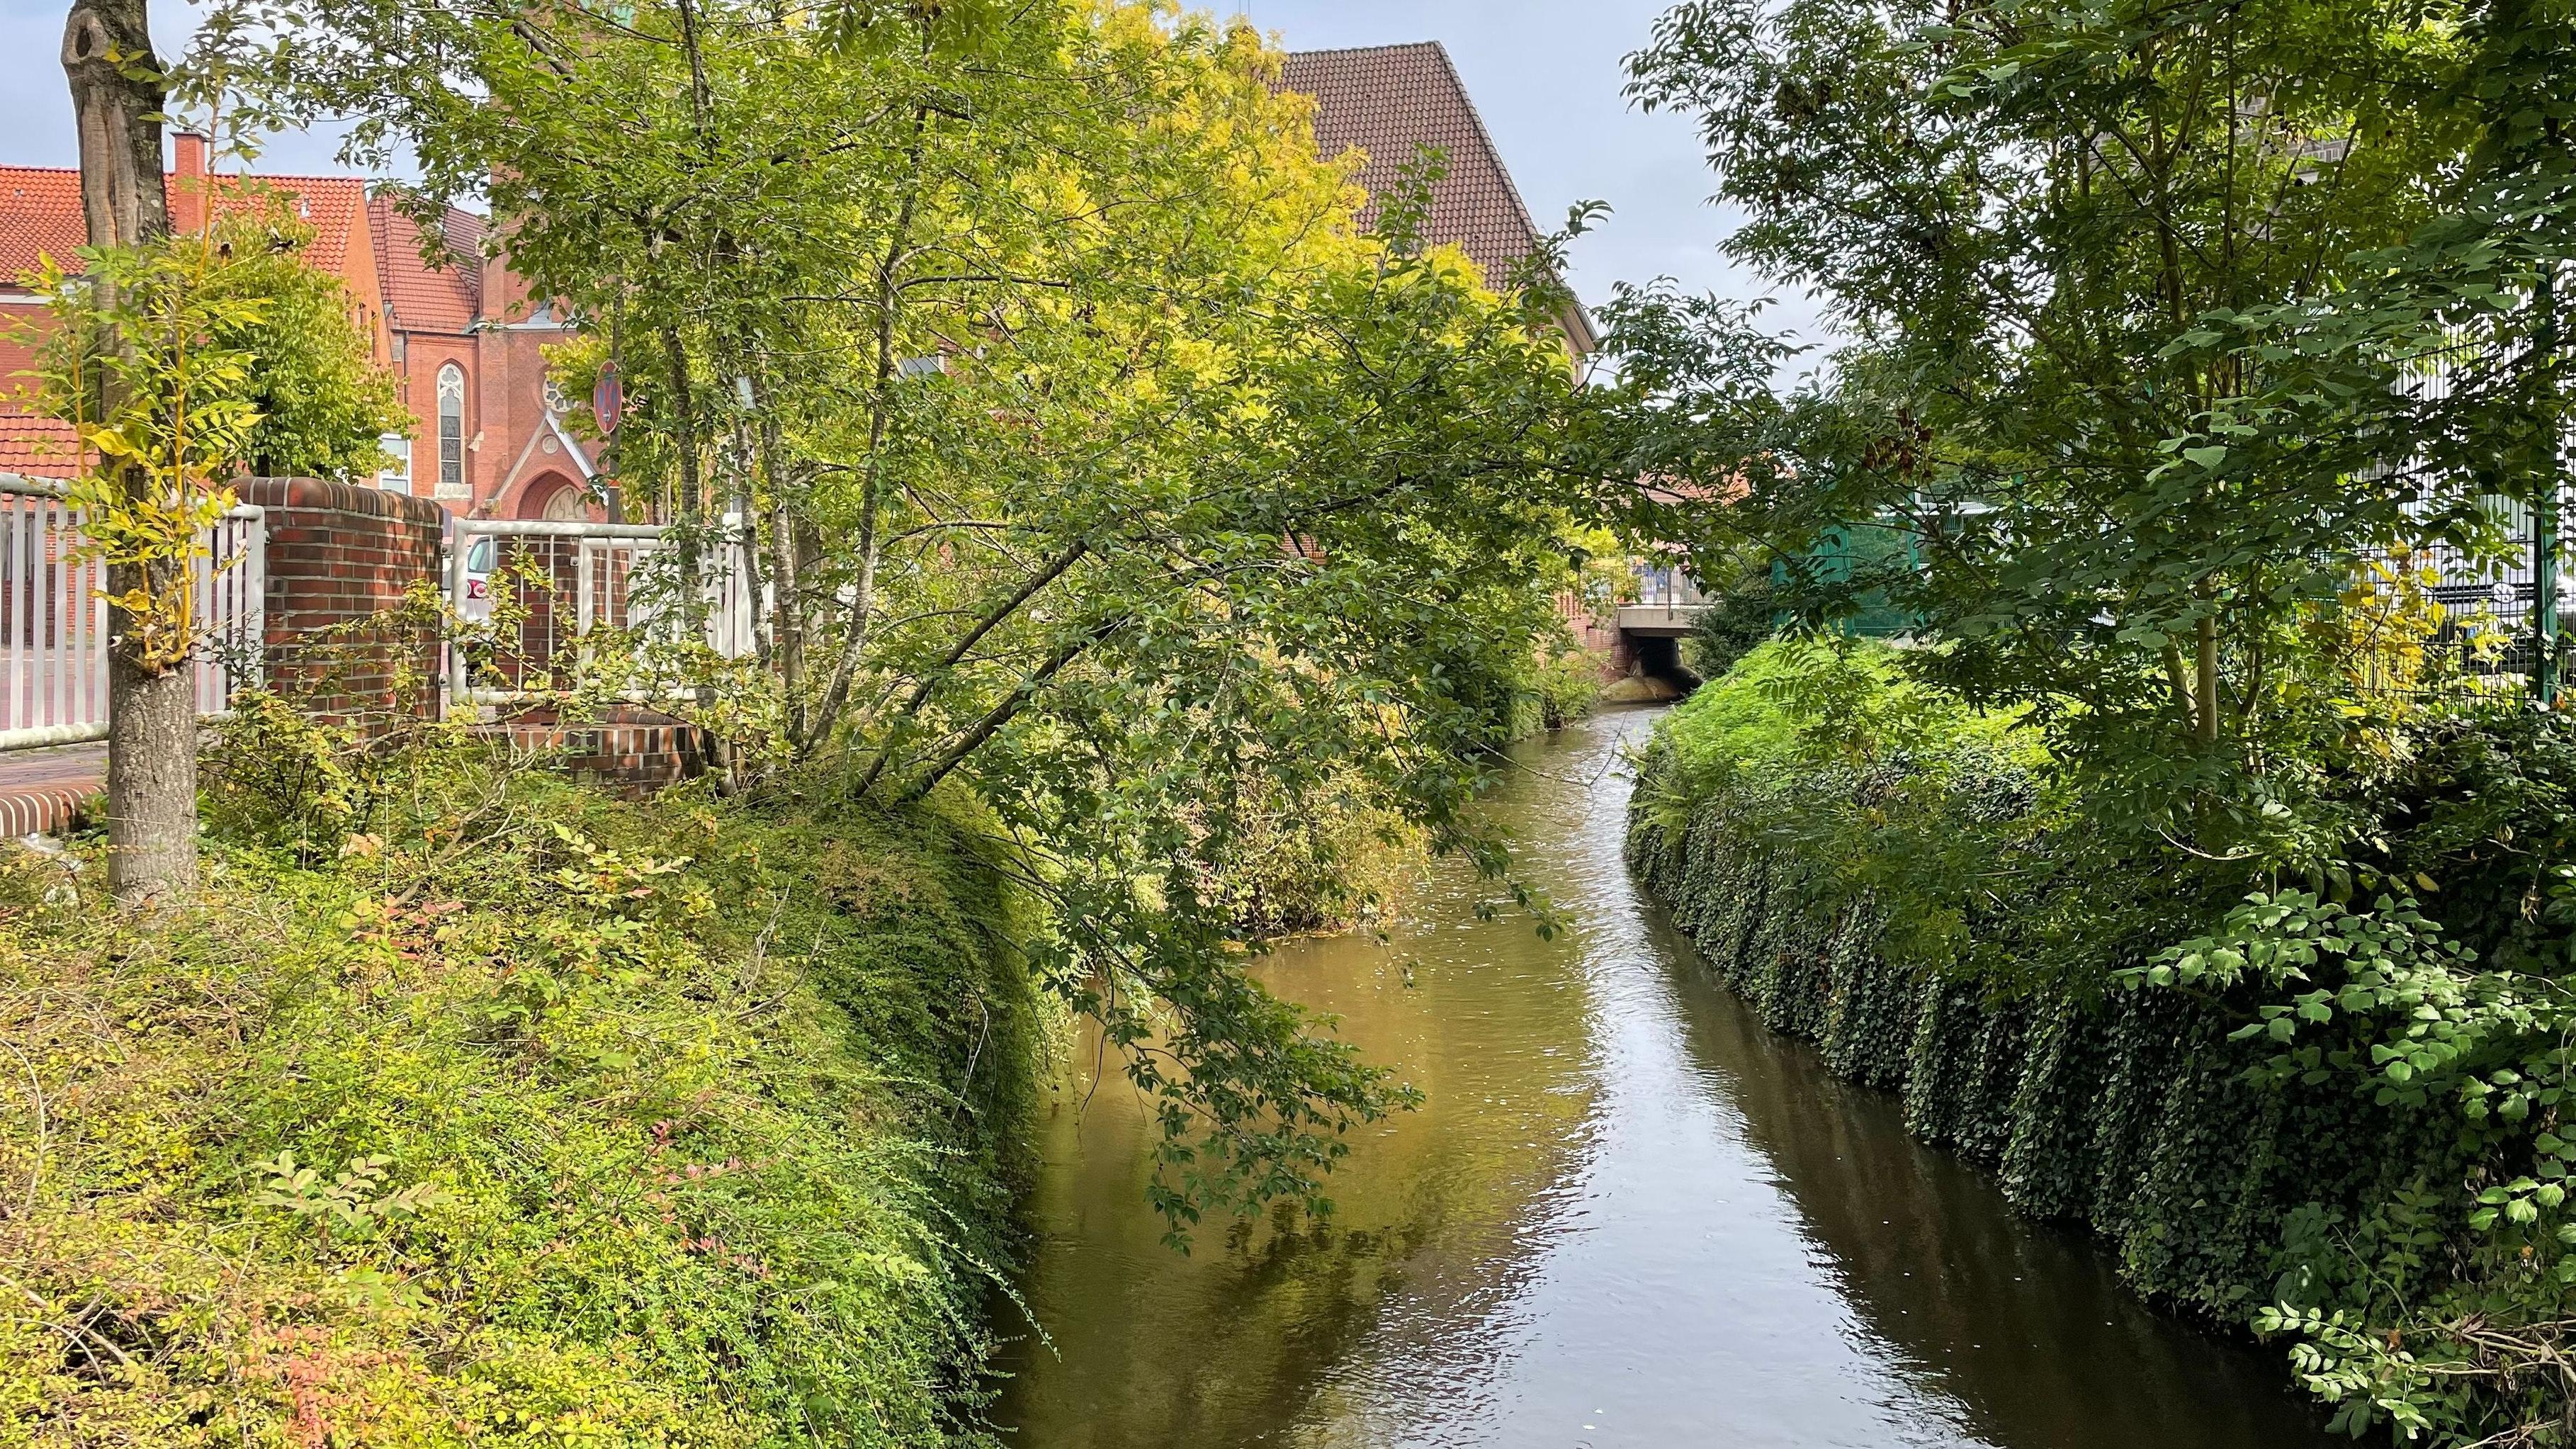 """Stadt am Fluss: Die Soeste versteckt sich in der Friesoyther Innenstadt tief in ihrem Bett. Mit den Fördermitteln aus dem Programm """"Perspektive Innenstadt"""" will die Verwaltung den Fluss erlebbarer machen. Foto: Stix"""